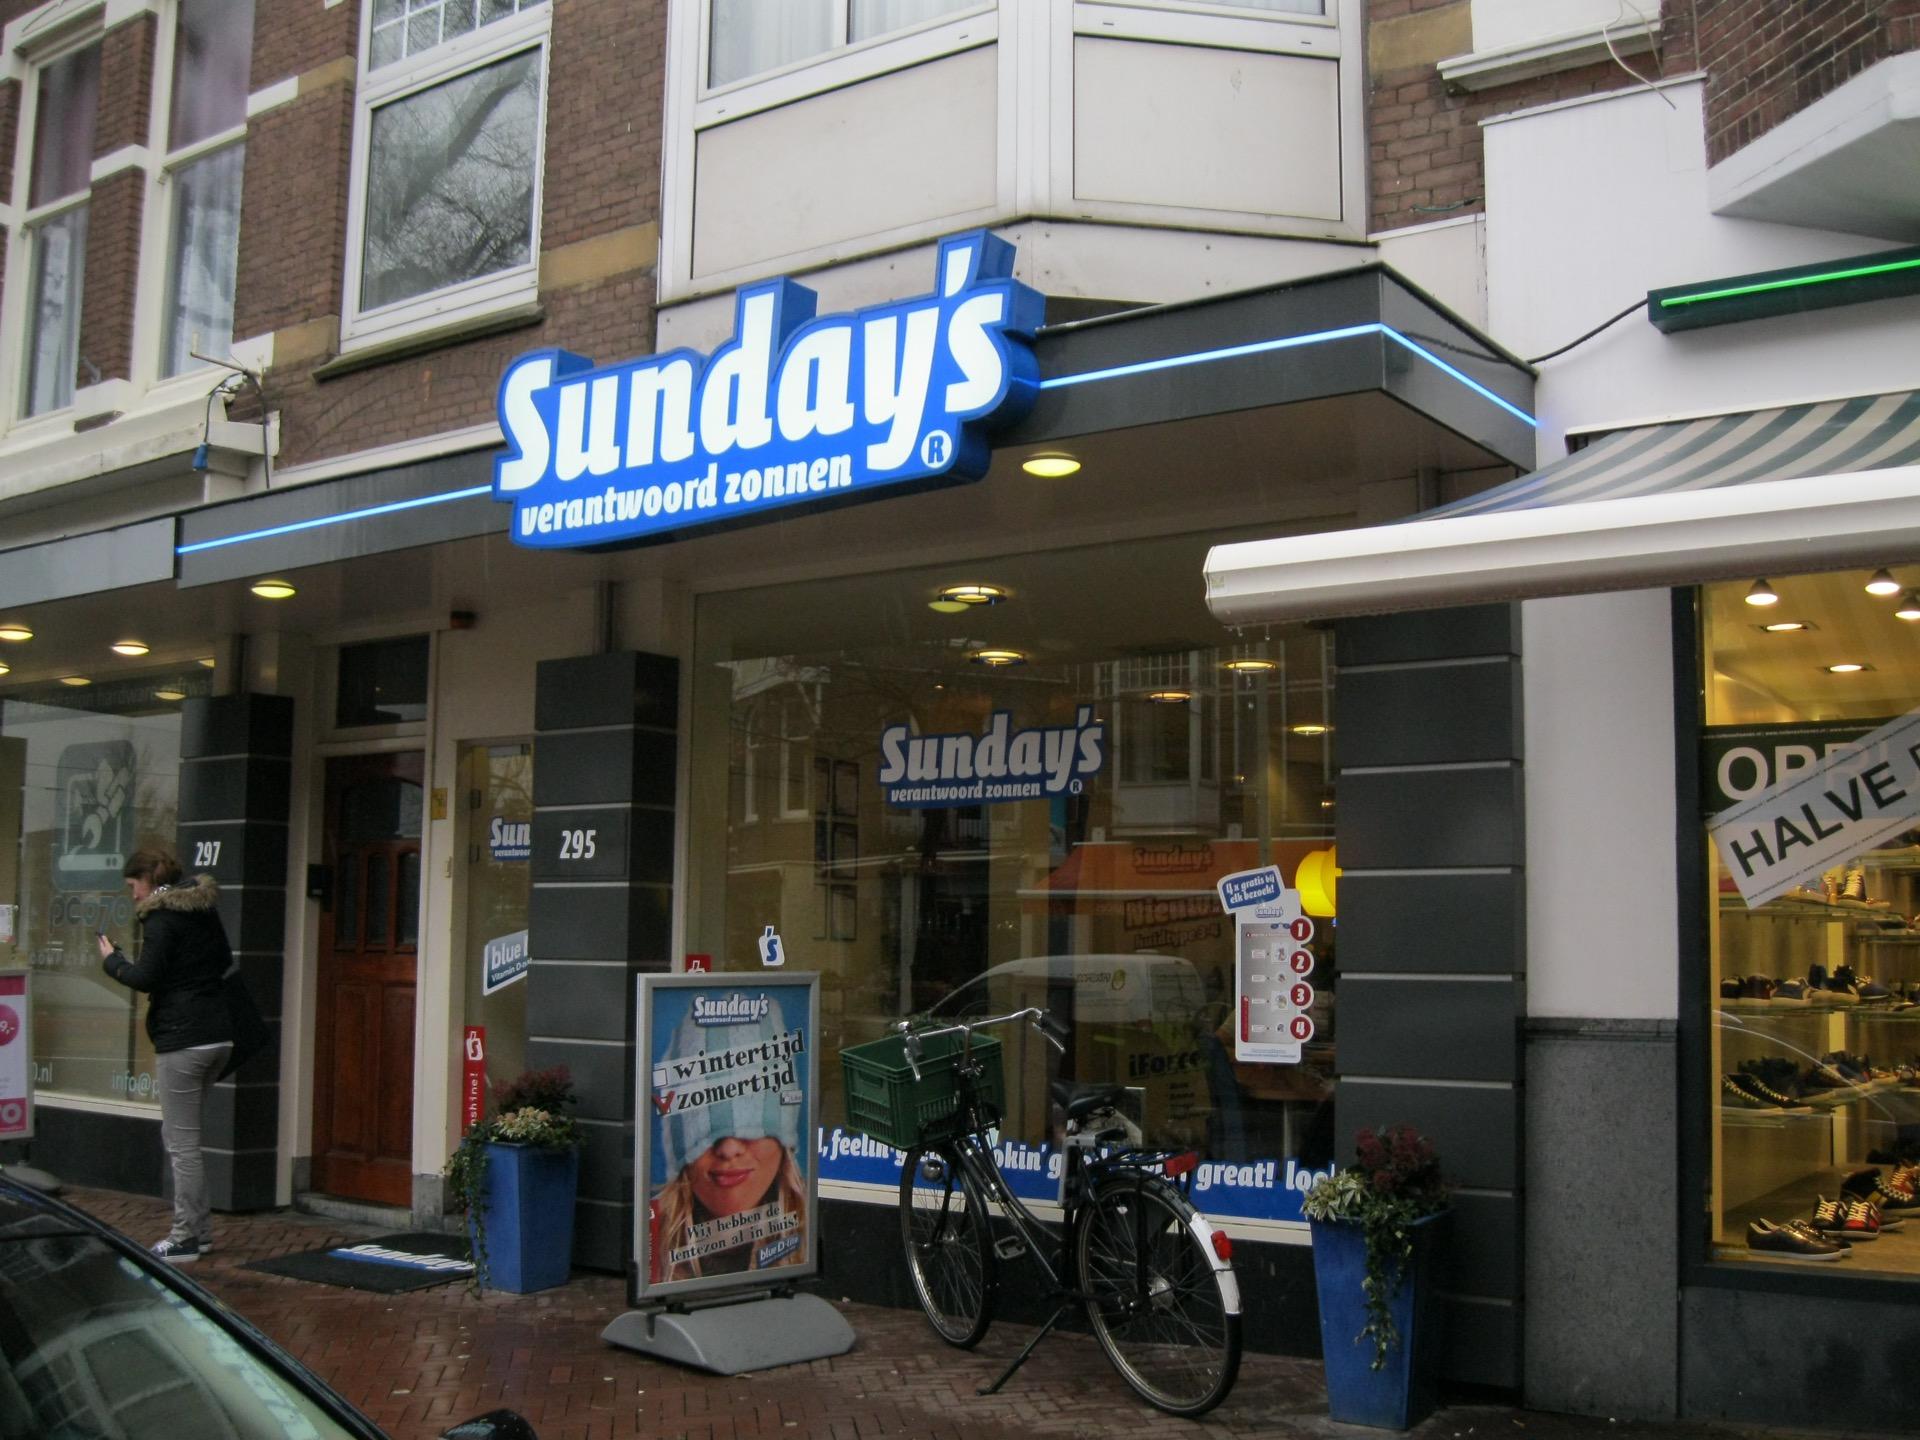 Sunday's Nederland | Den Haag